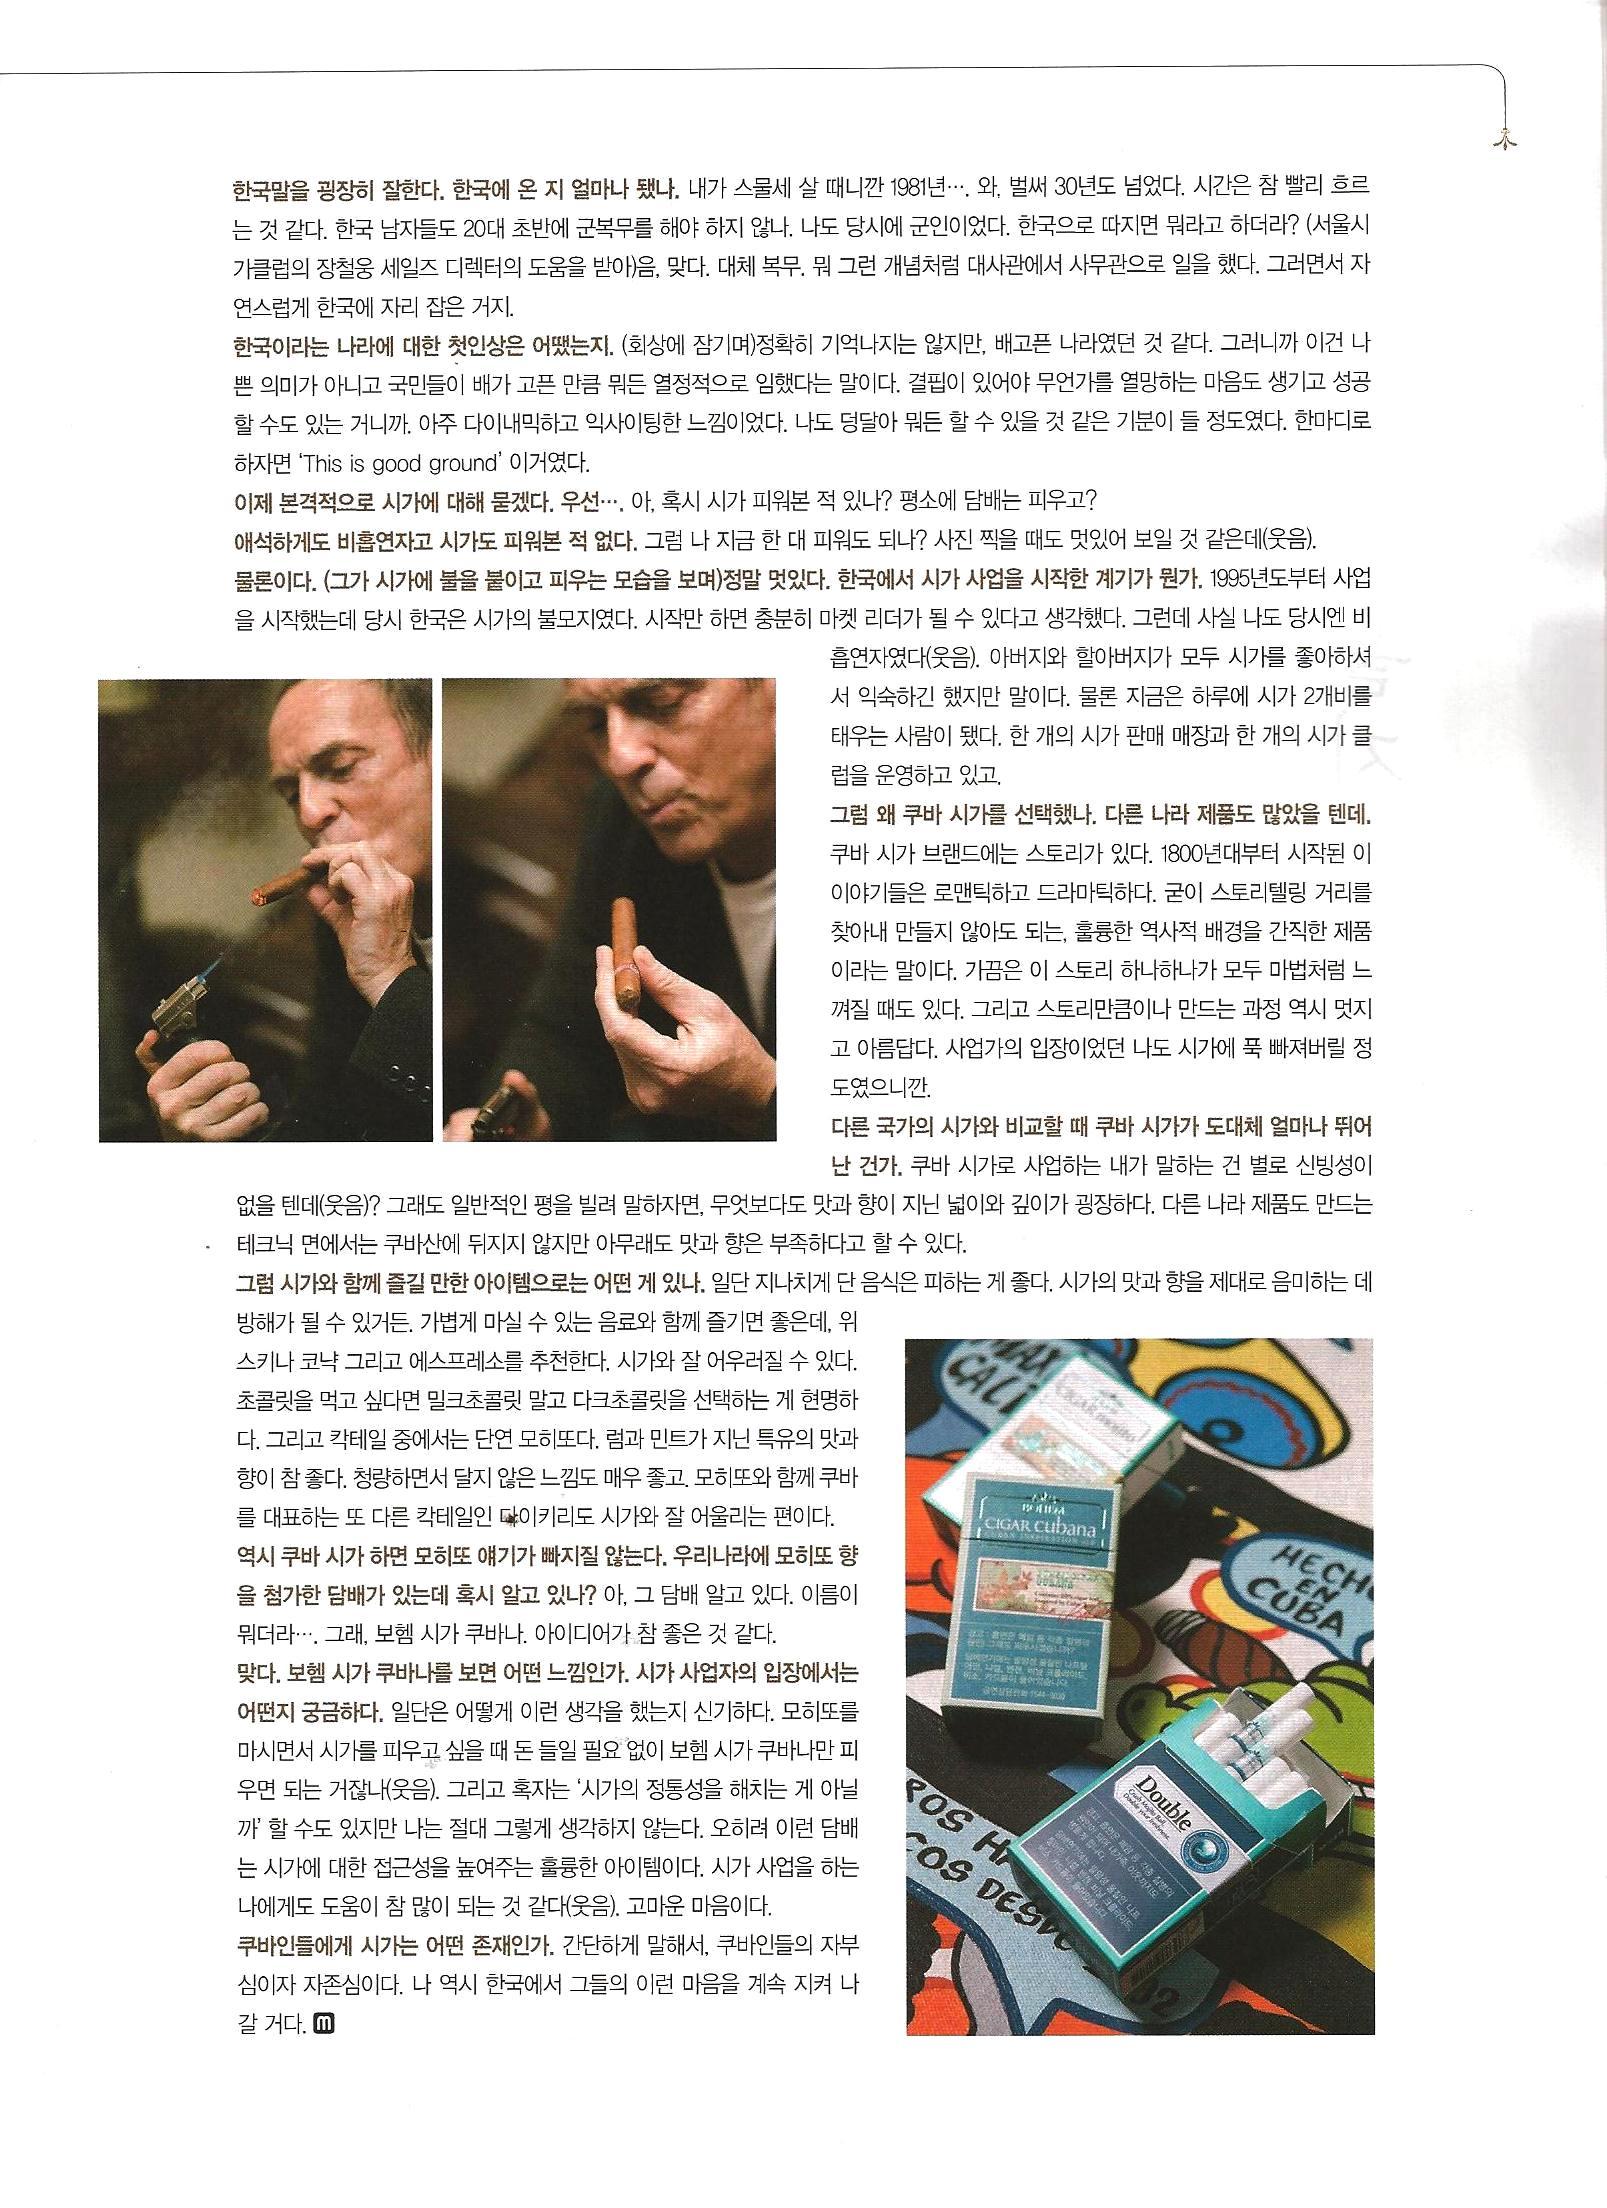 2013-4 week1 M25 article 2.jpg